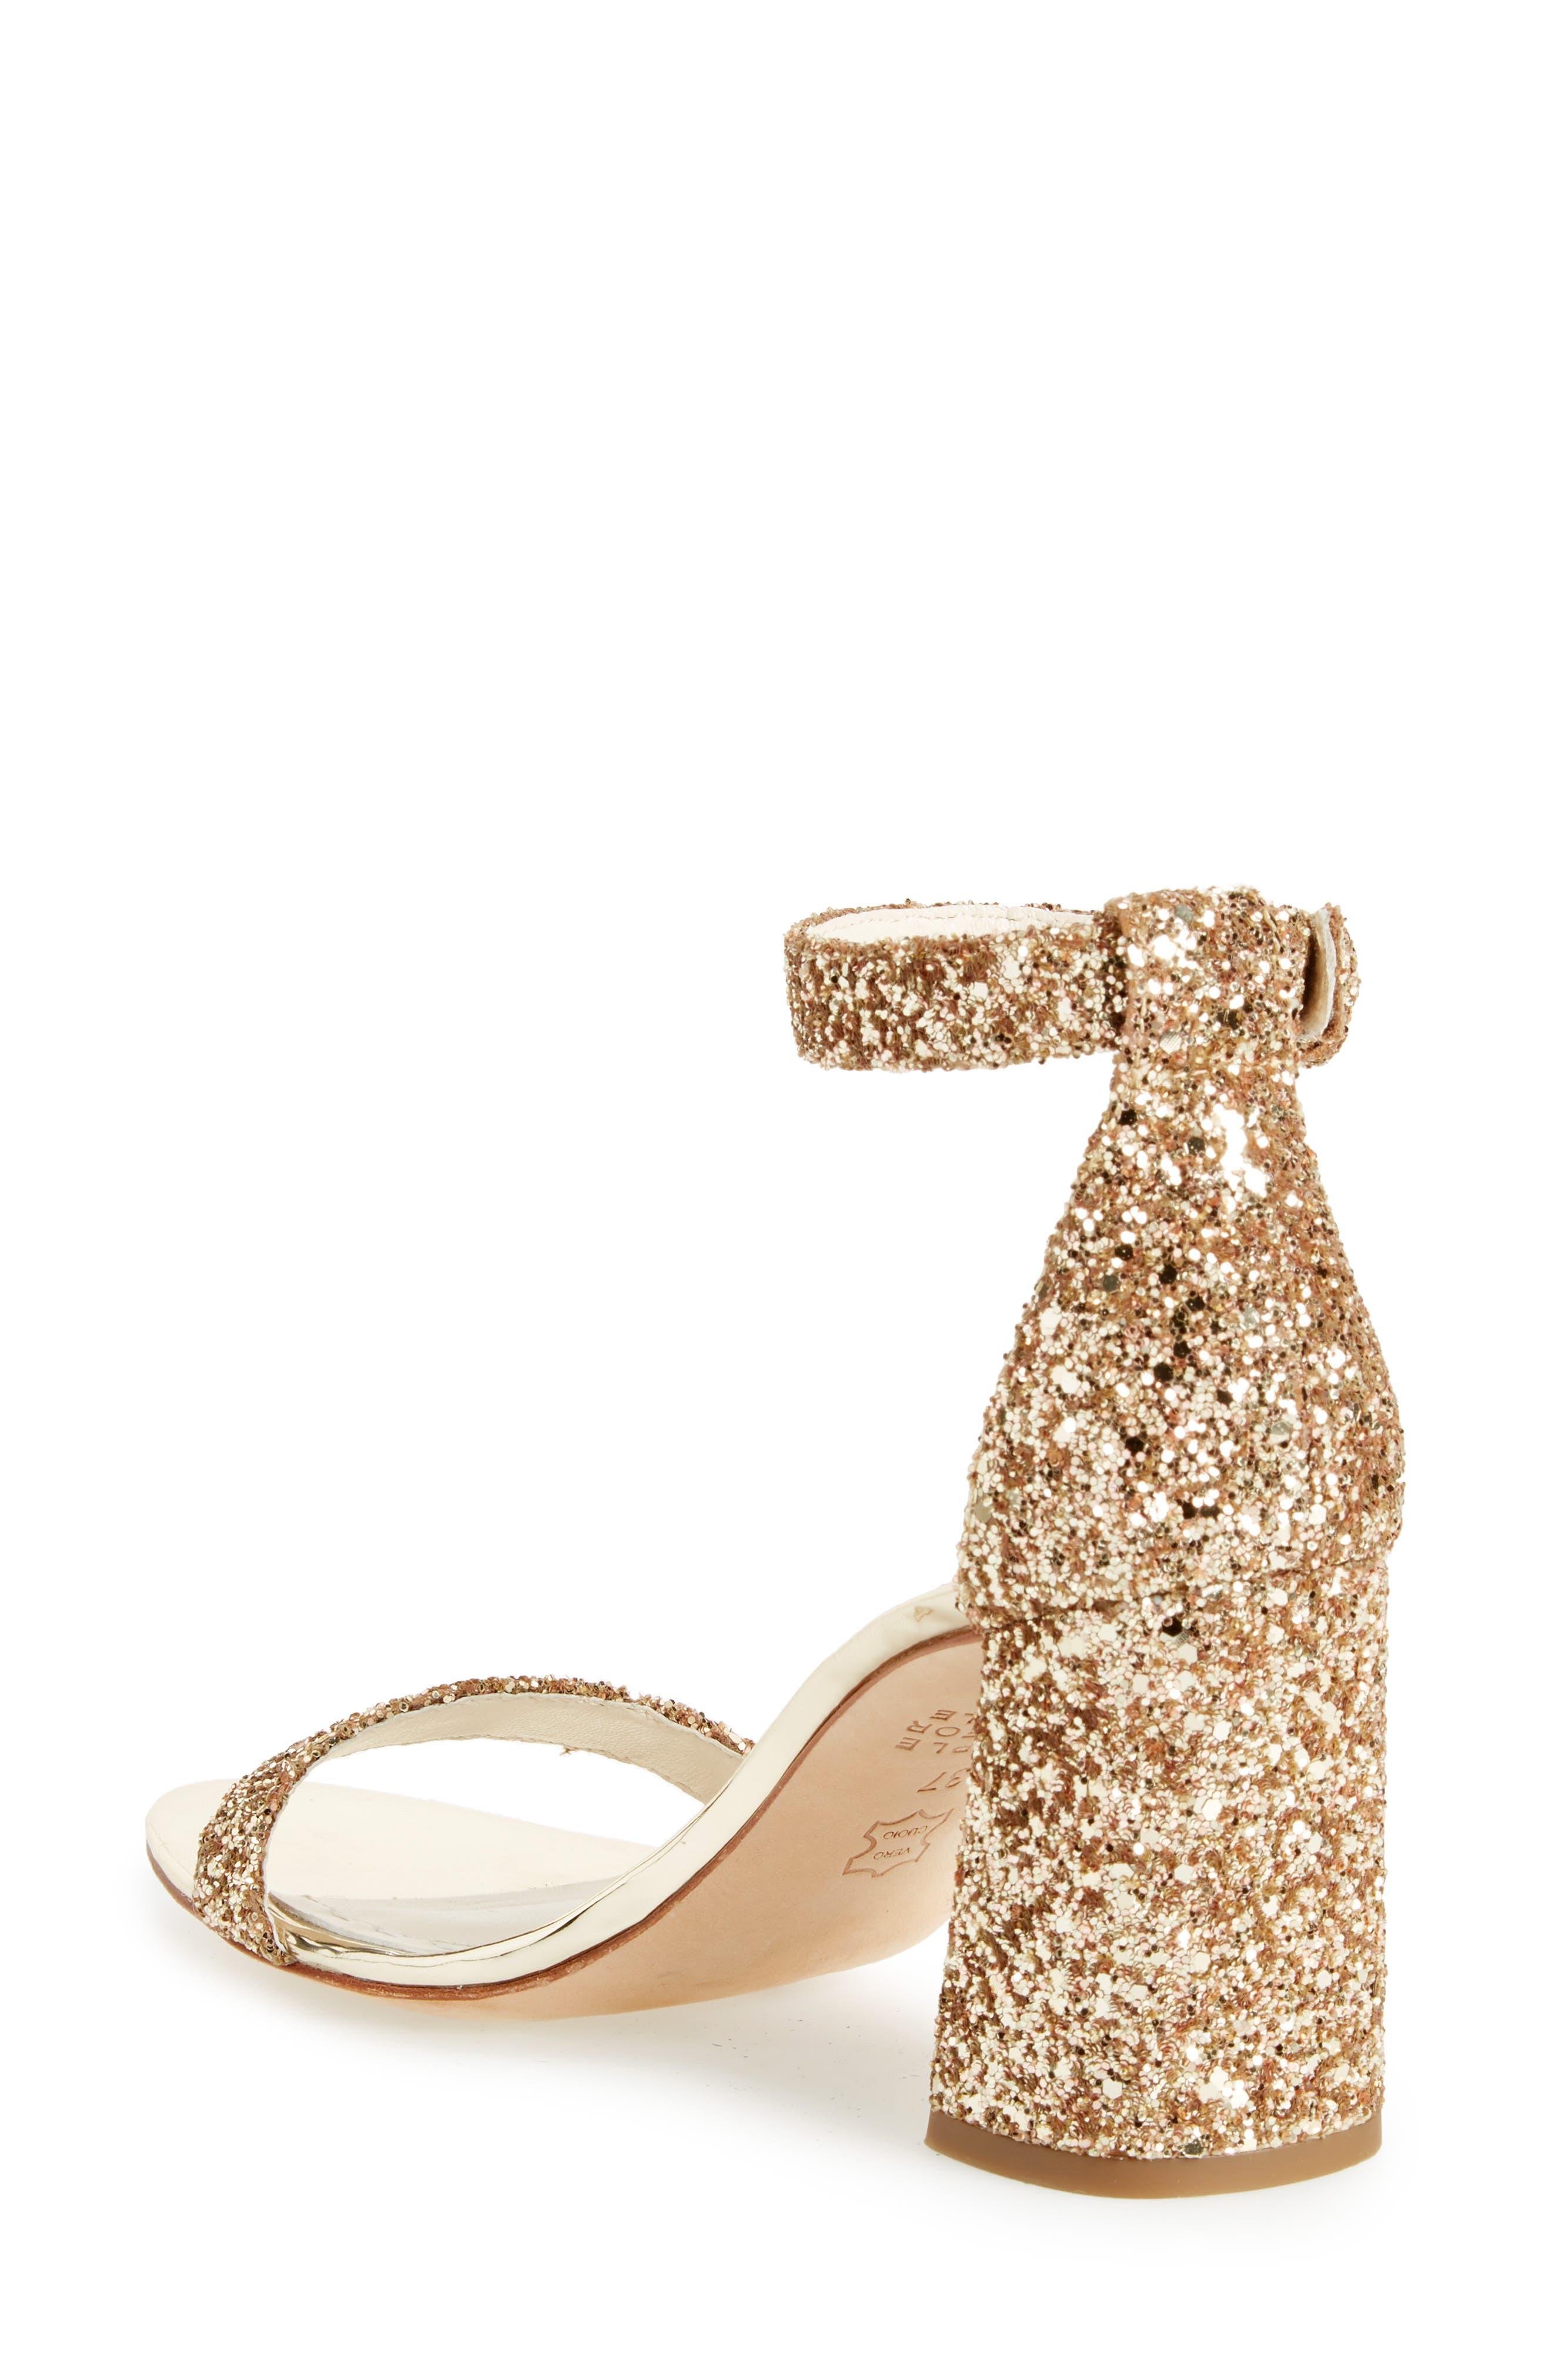 Lillian Glitter Ankle Strap Sandal,                             Alternate thumbnail 2, color,                             Gold